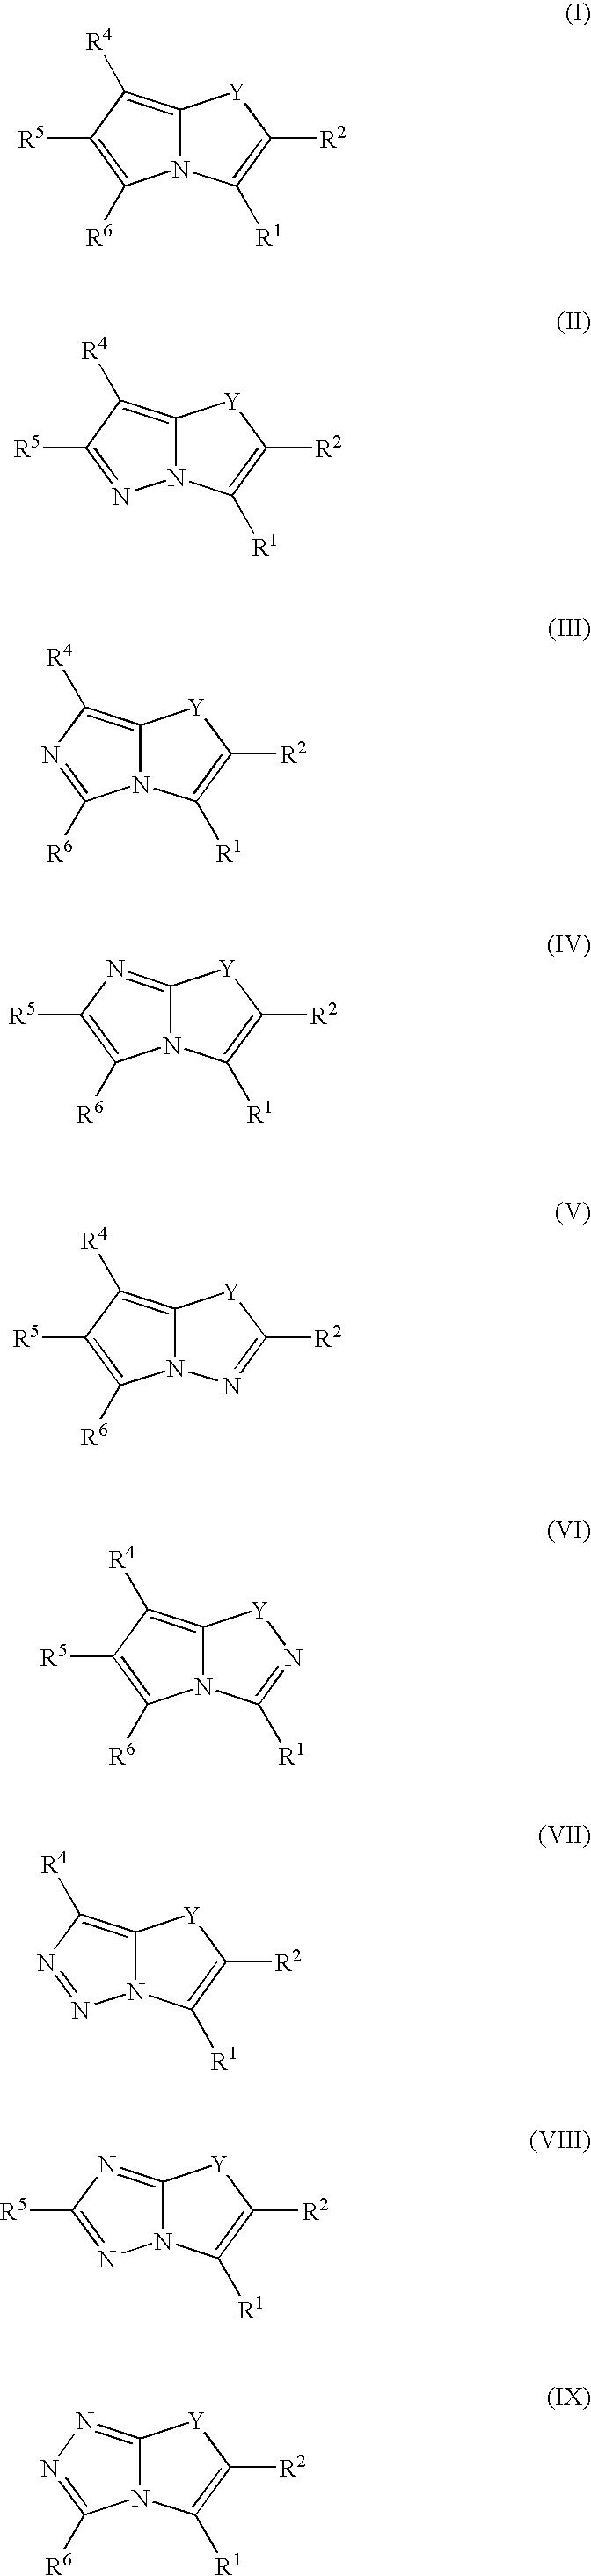 Figure US07288123-20071030-C00041